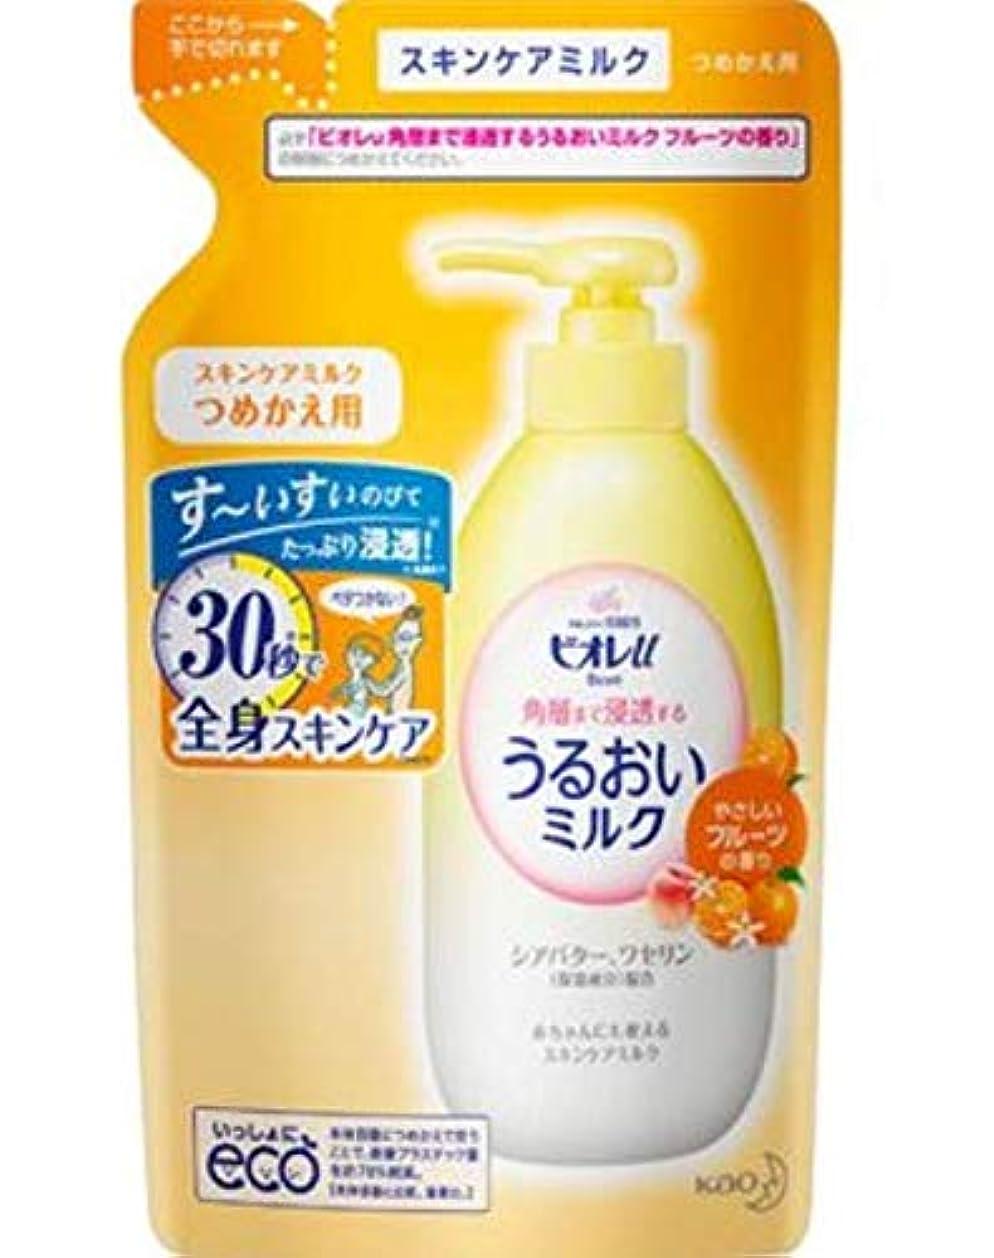 権利を与える収束ストリームビオレu 角層まで浸透 うるおいミルク フルーツ 250ml 詰替